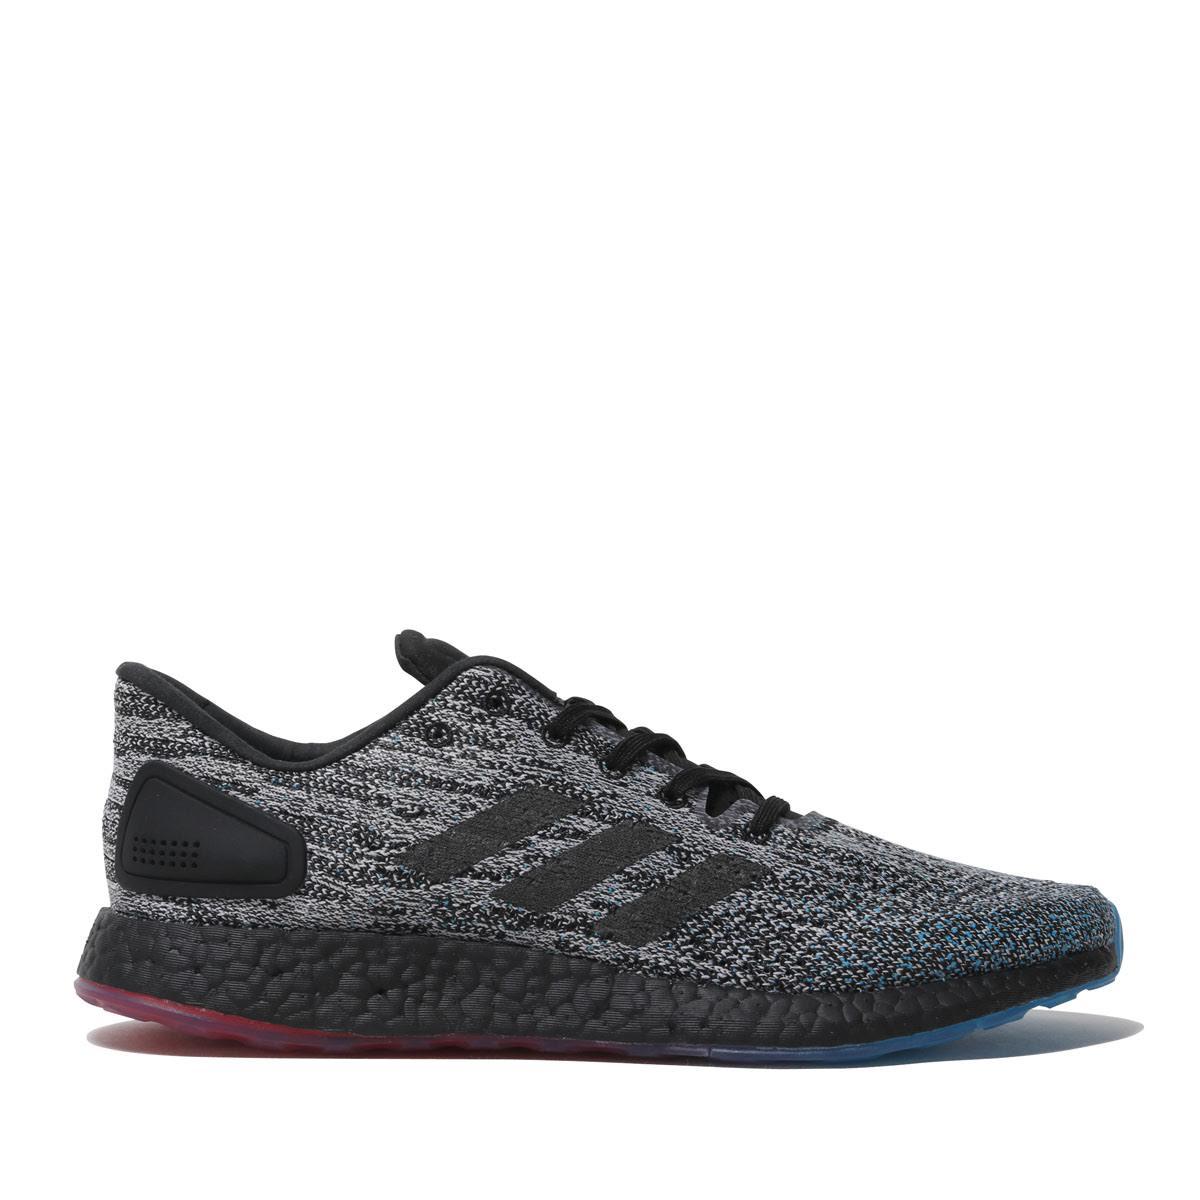 0eb789d4a adidas PureBOOST DPR LTD (CORE BLACK CORE BLACK ACTIVE RED) (Adidas pure  boost T DPR LTD)